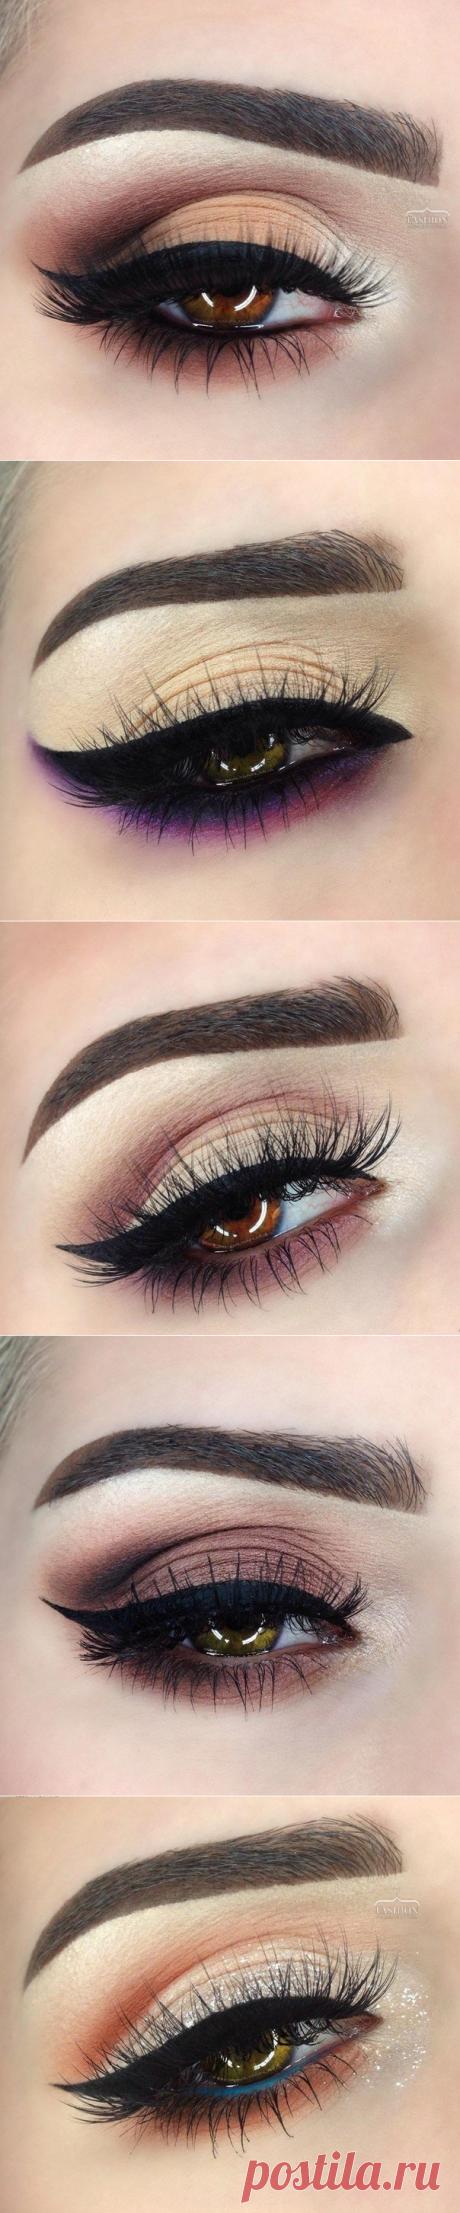 Идеи красивого макияжа глаз.